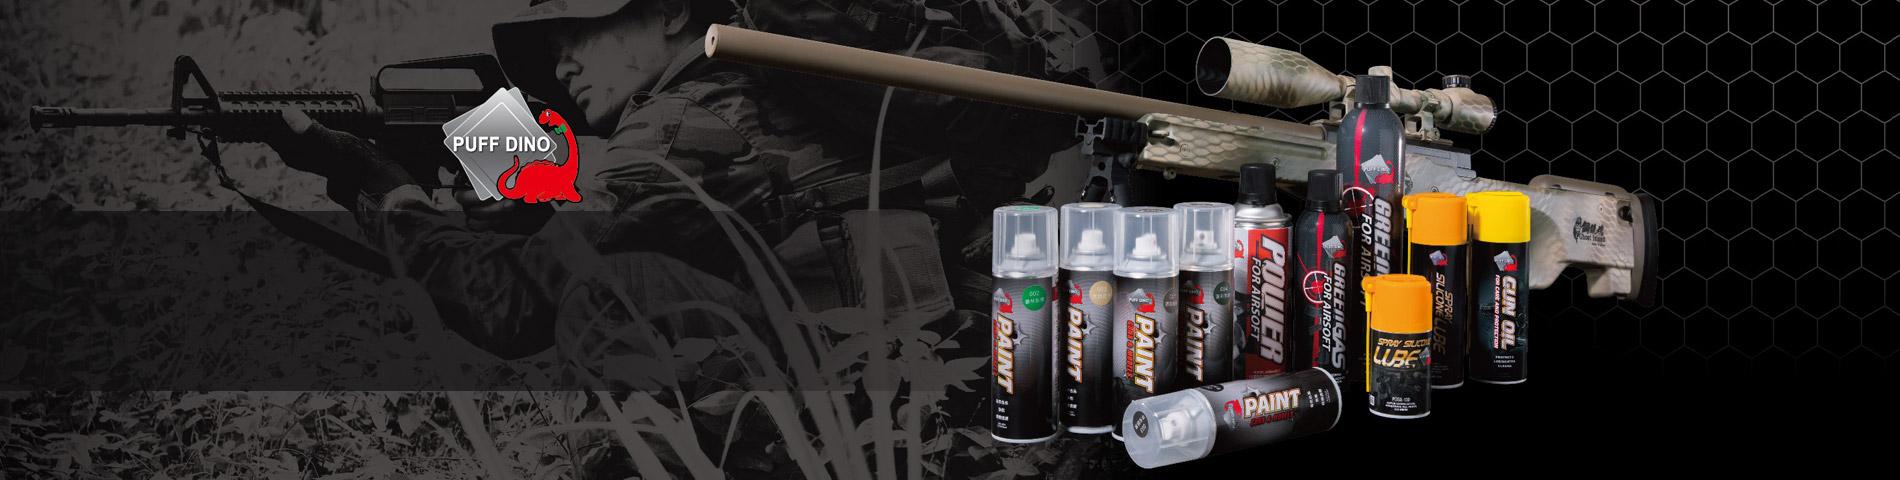 軍警槍械系列 讓槍枝的擊發順暢無比 除了恐龍瓦斯馳名生存遊戲業界之外,恐龍更針對軍警的槍枝、BB槍及配備提供專業的清潔保養產品。